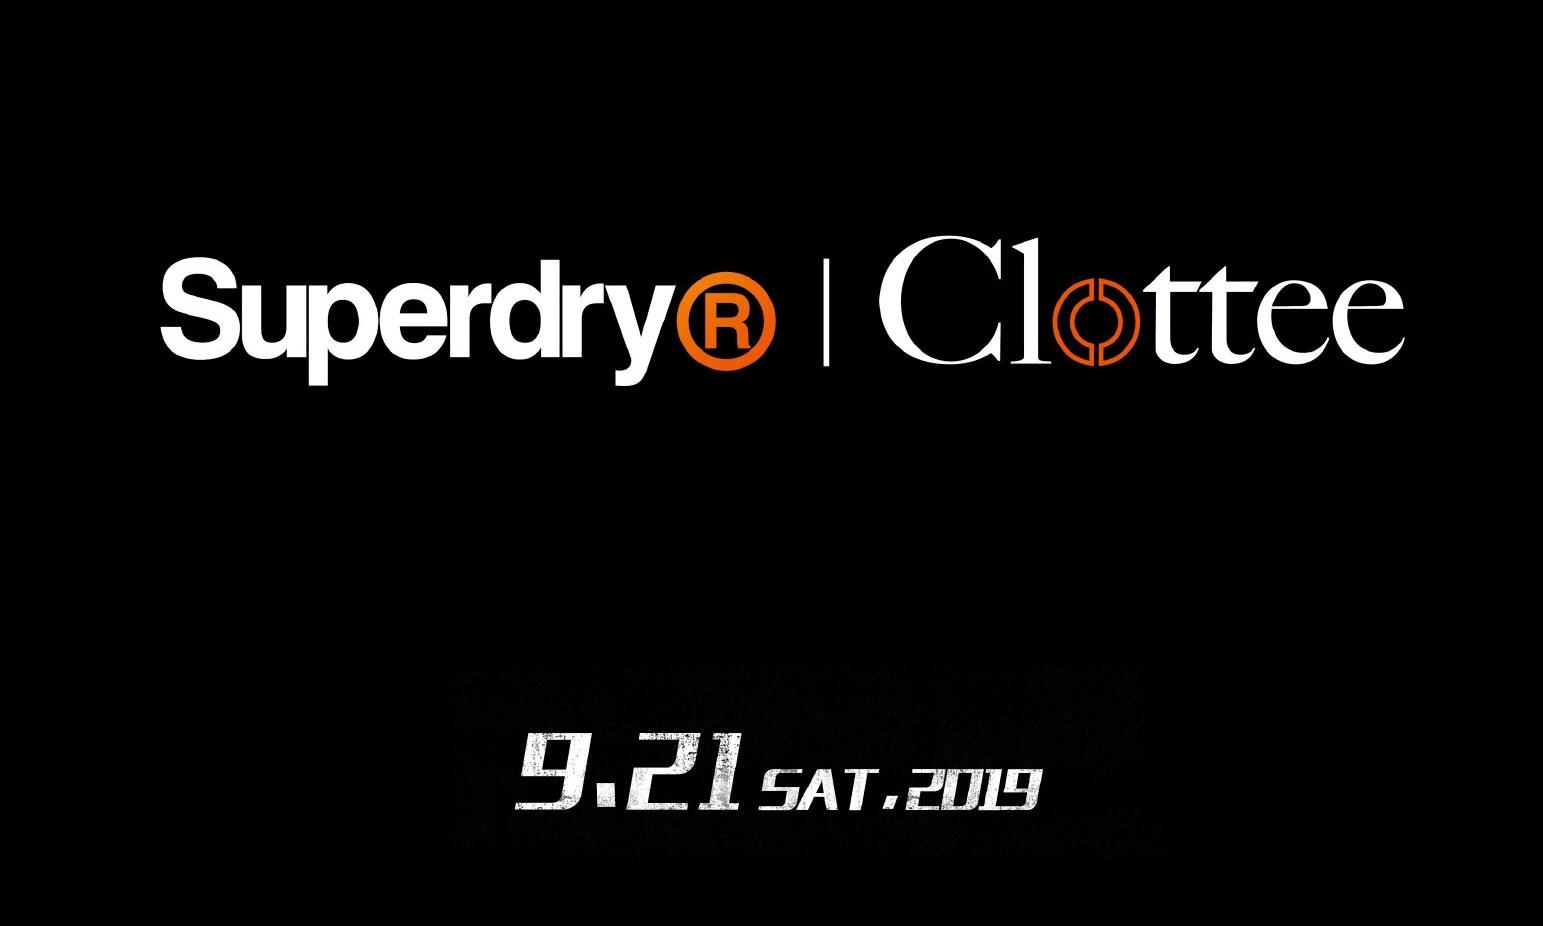 陈冠希预告全新 Superdry x CLOTTEE 联名系列